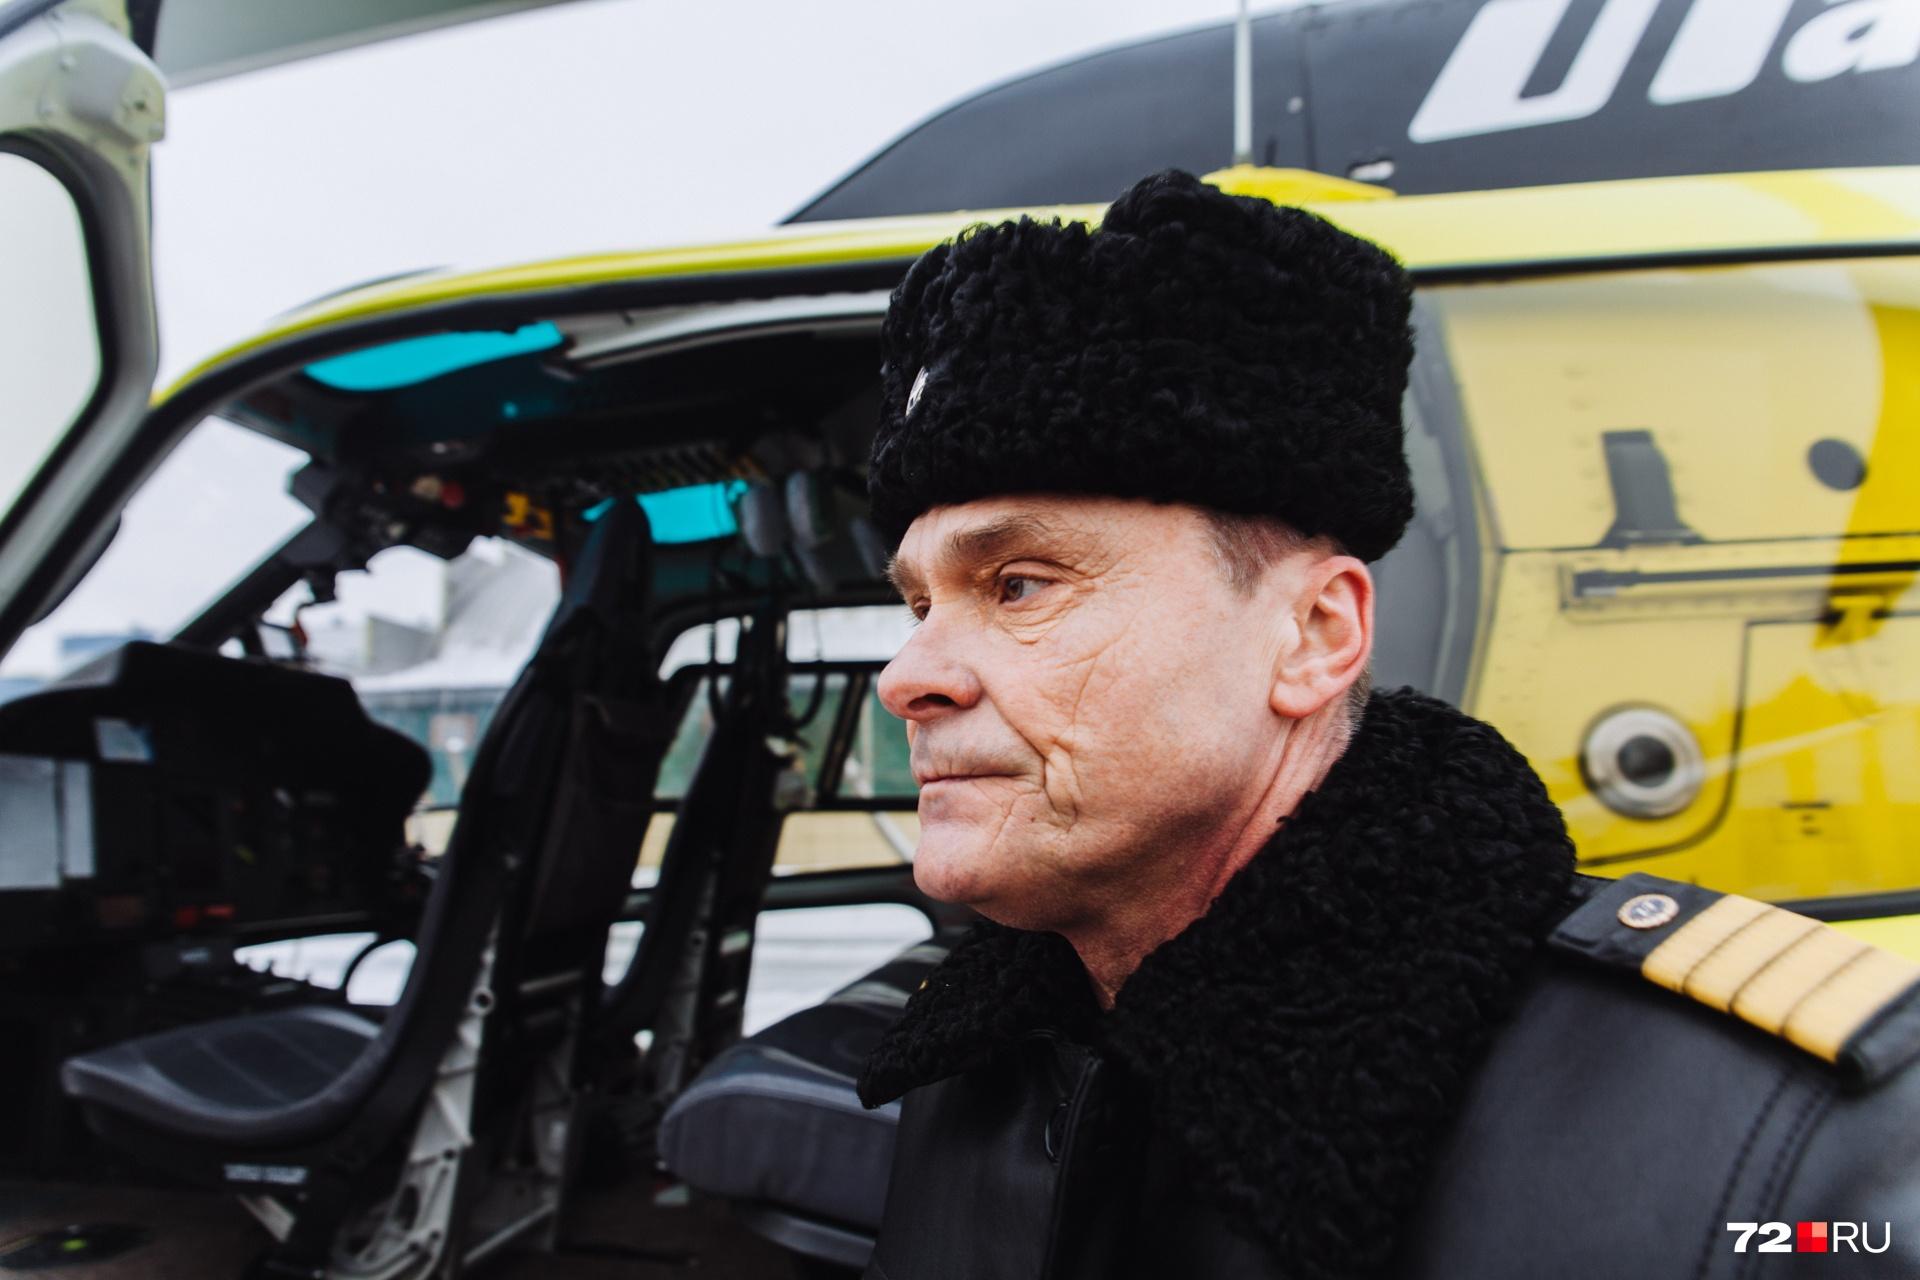 Евгений рассказал, что персонал подготовлен к любым условиям транспортировки пациентов